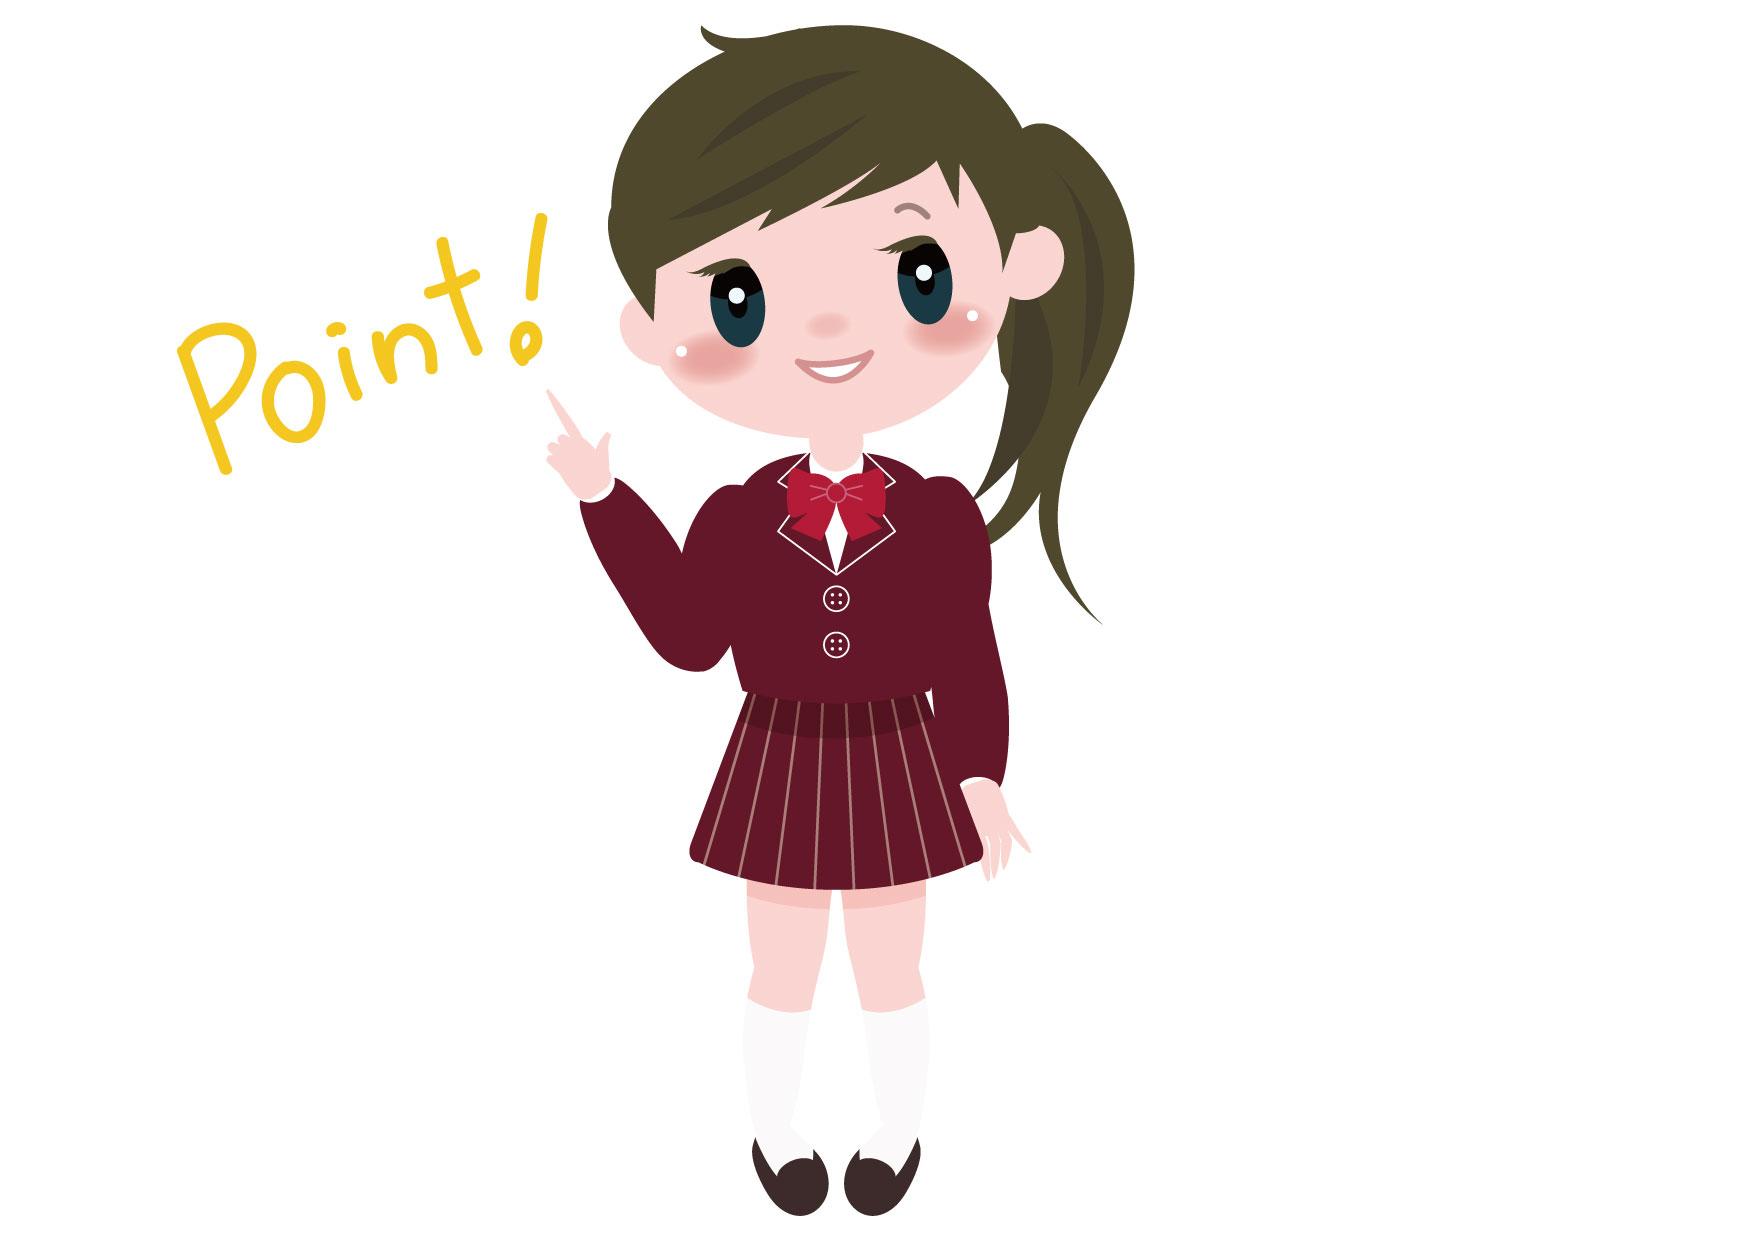 可愛いイラスト無料|学生 女の子 全身 ポイント − free illustration Student girl whole body points